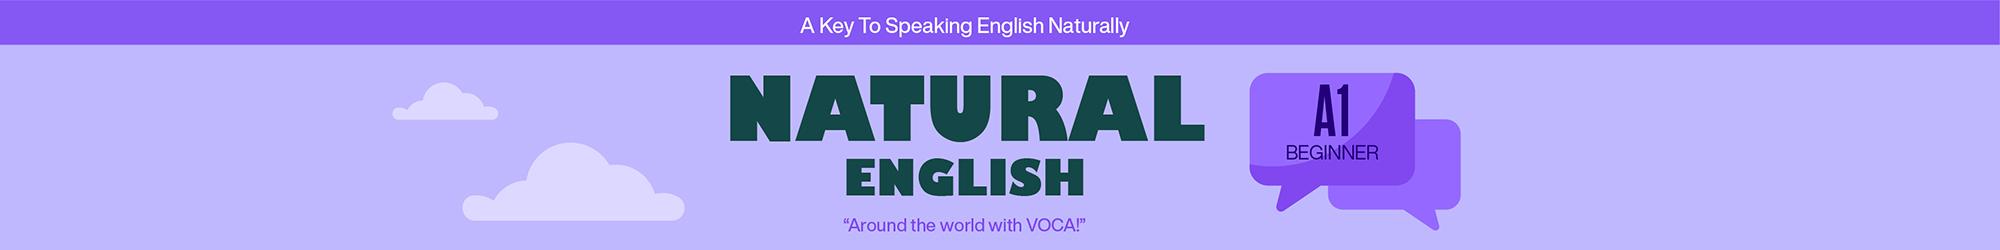 NATURAL ENGLISH A1 banner